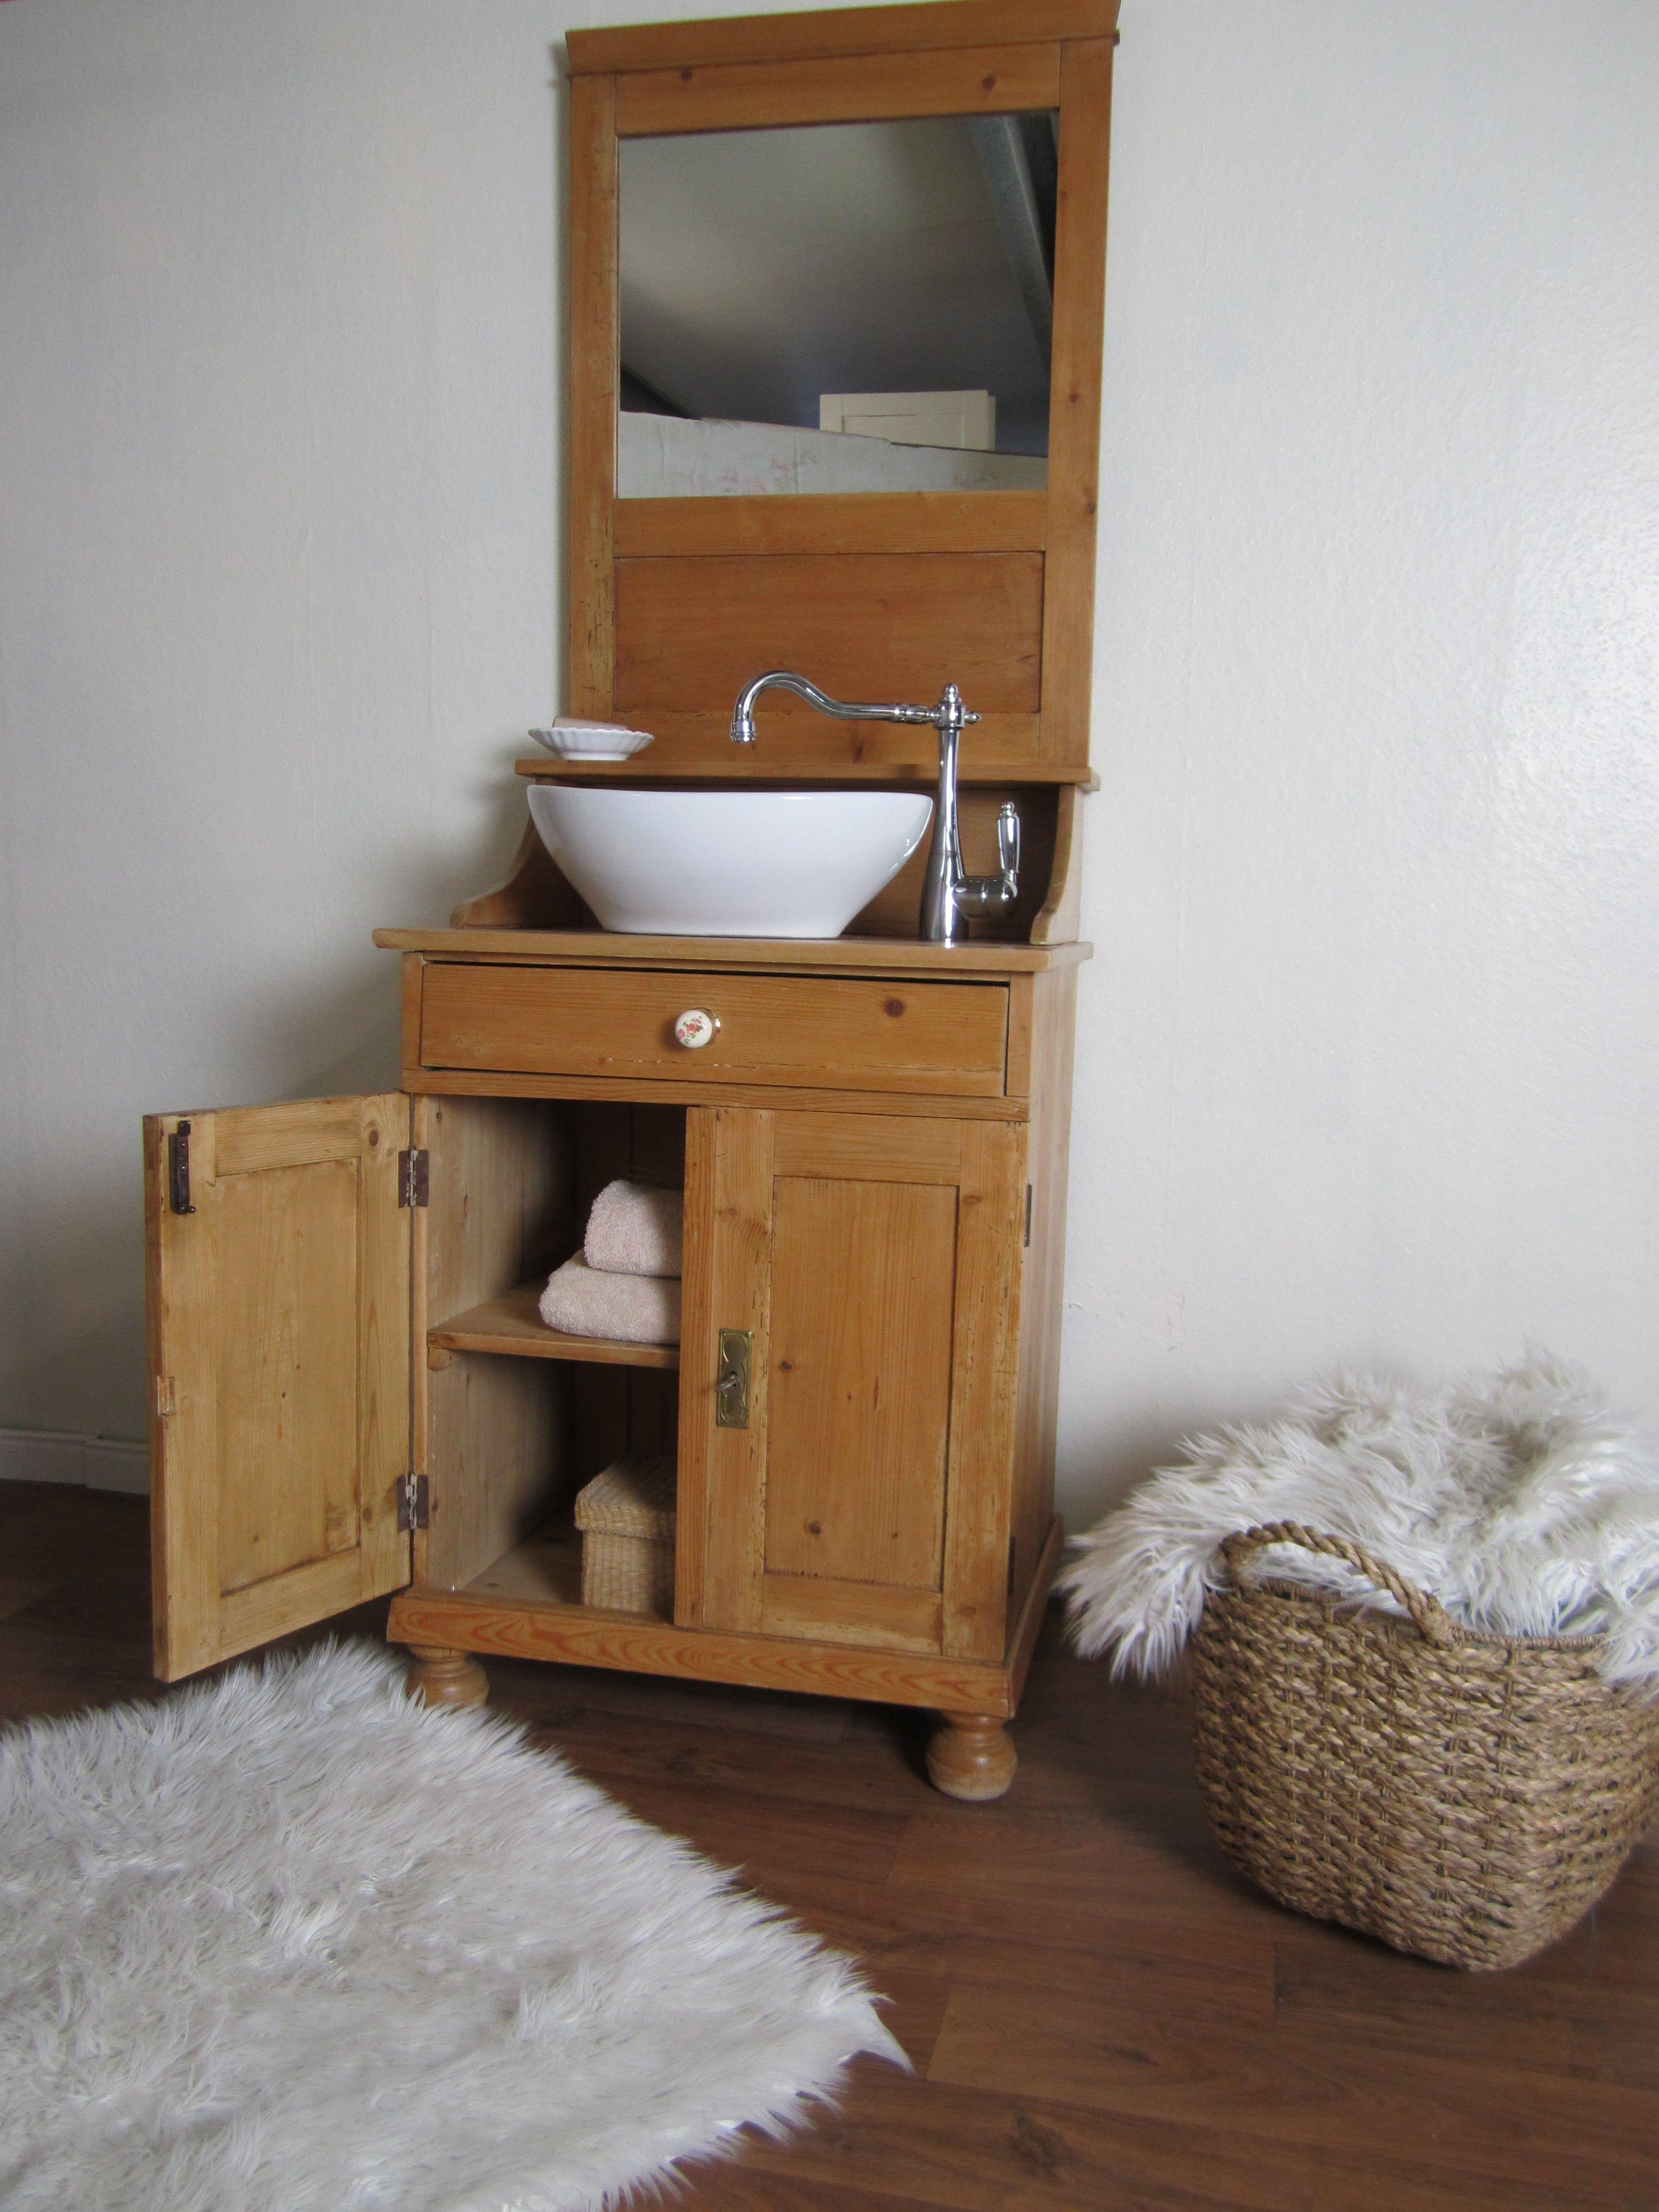 Ein Badmöbel antik im elganten Design versprüht Lis